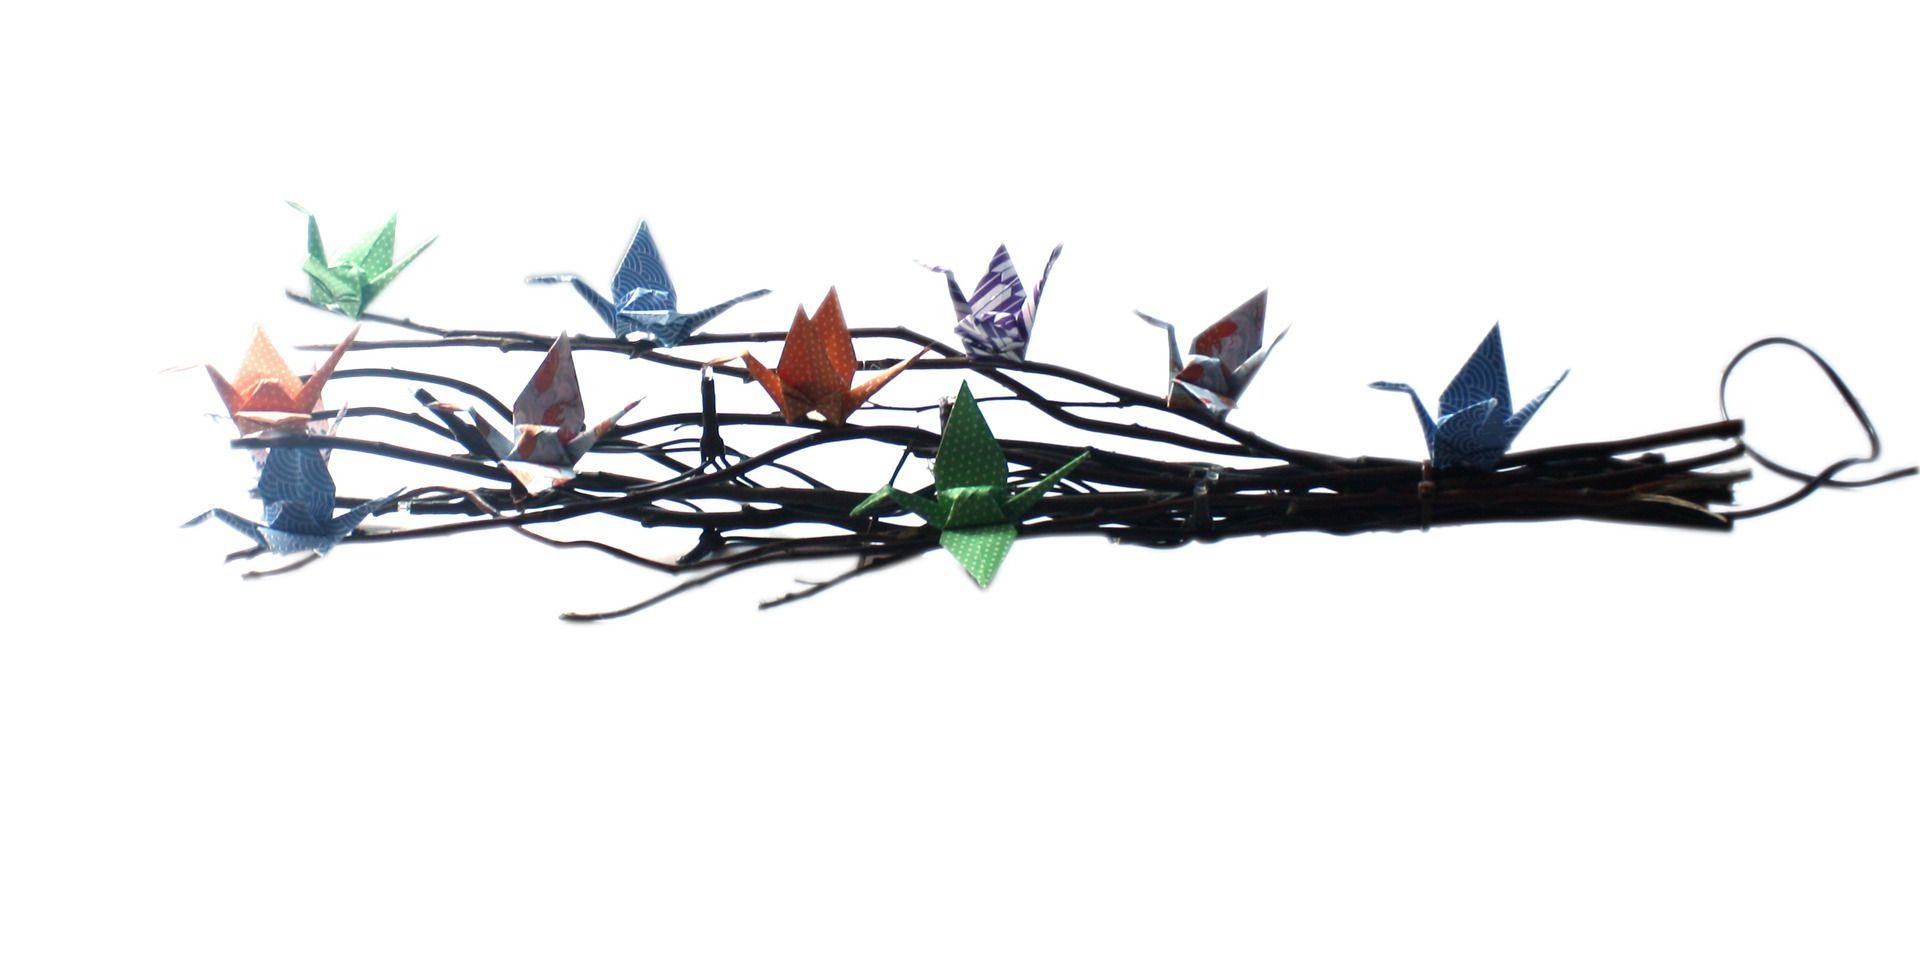 fagot de bois et grues origami d coration de no l pour. Black Bedroom Furniture Sets. Home Design Ideas